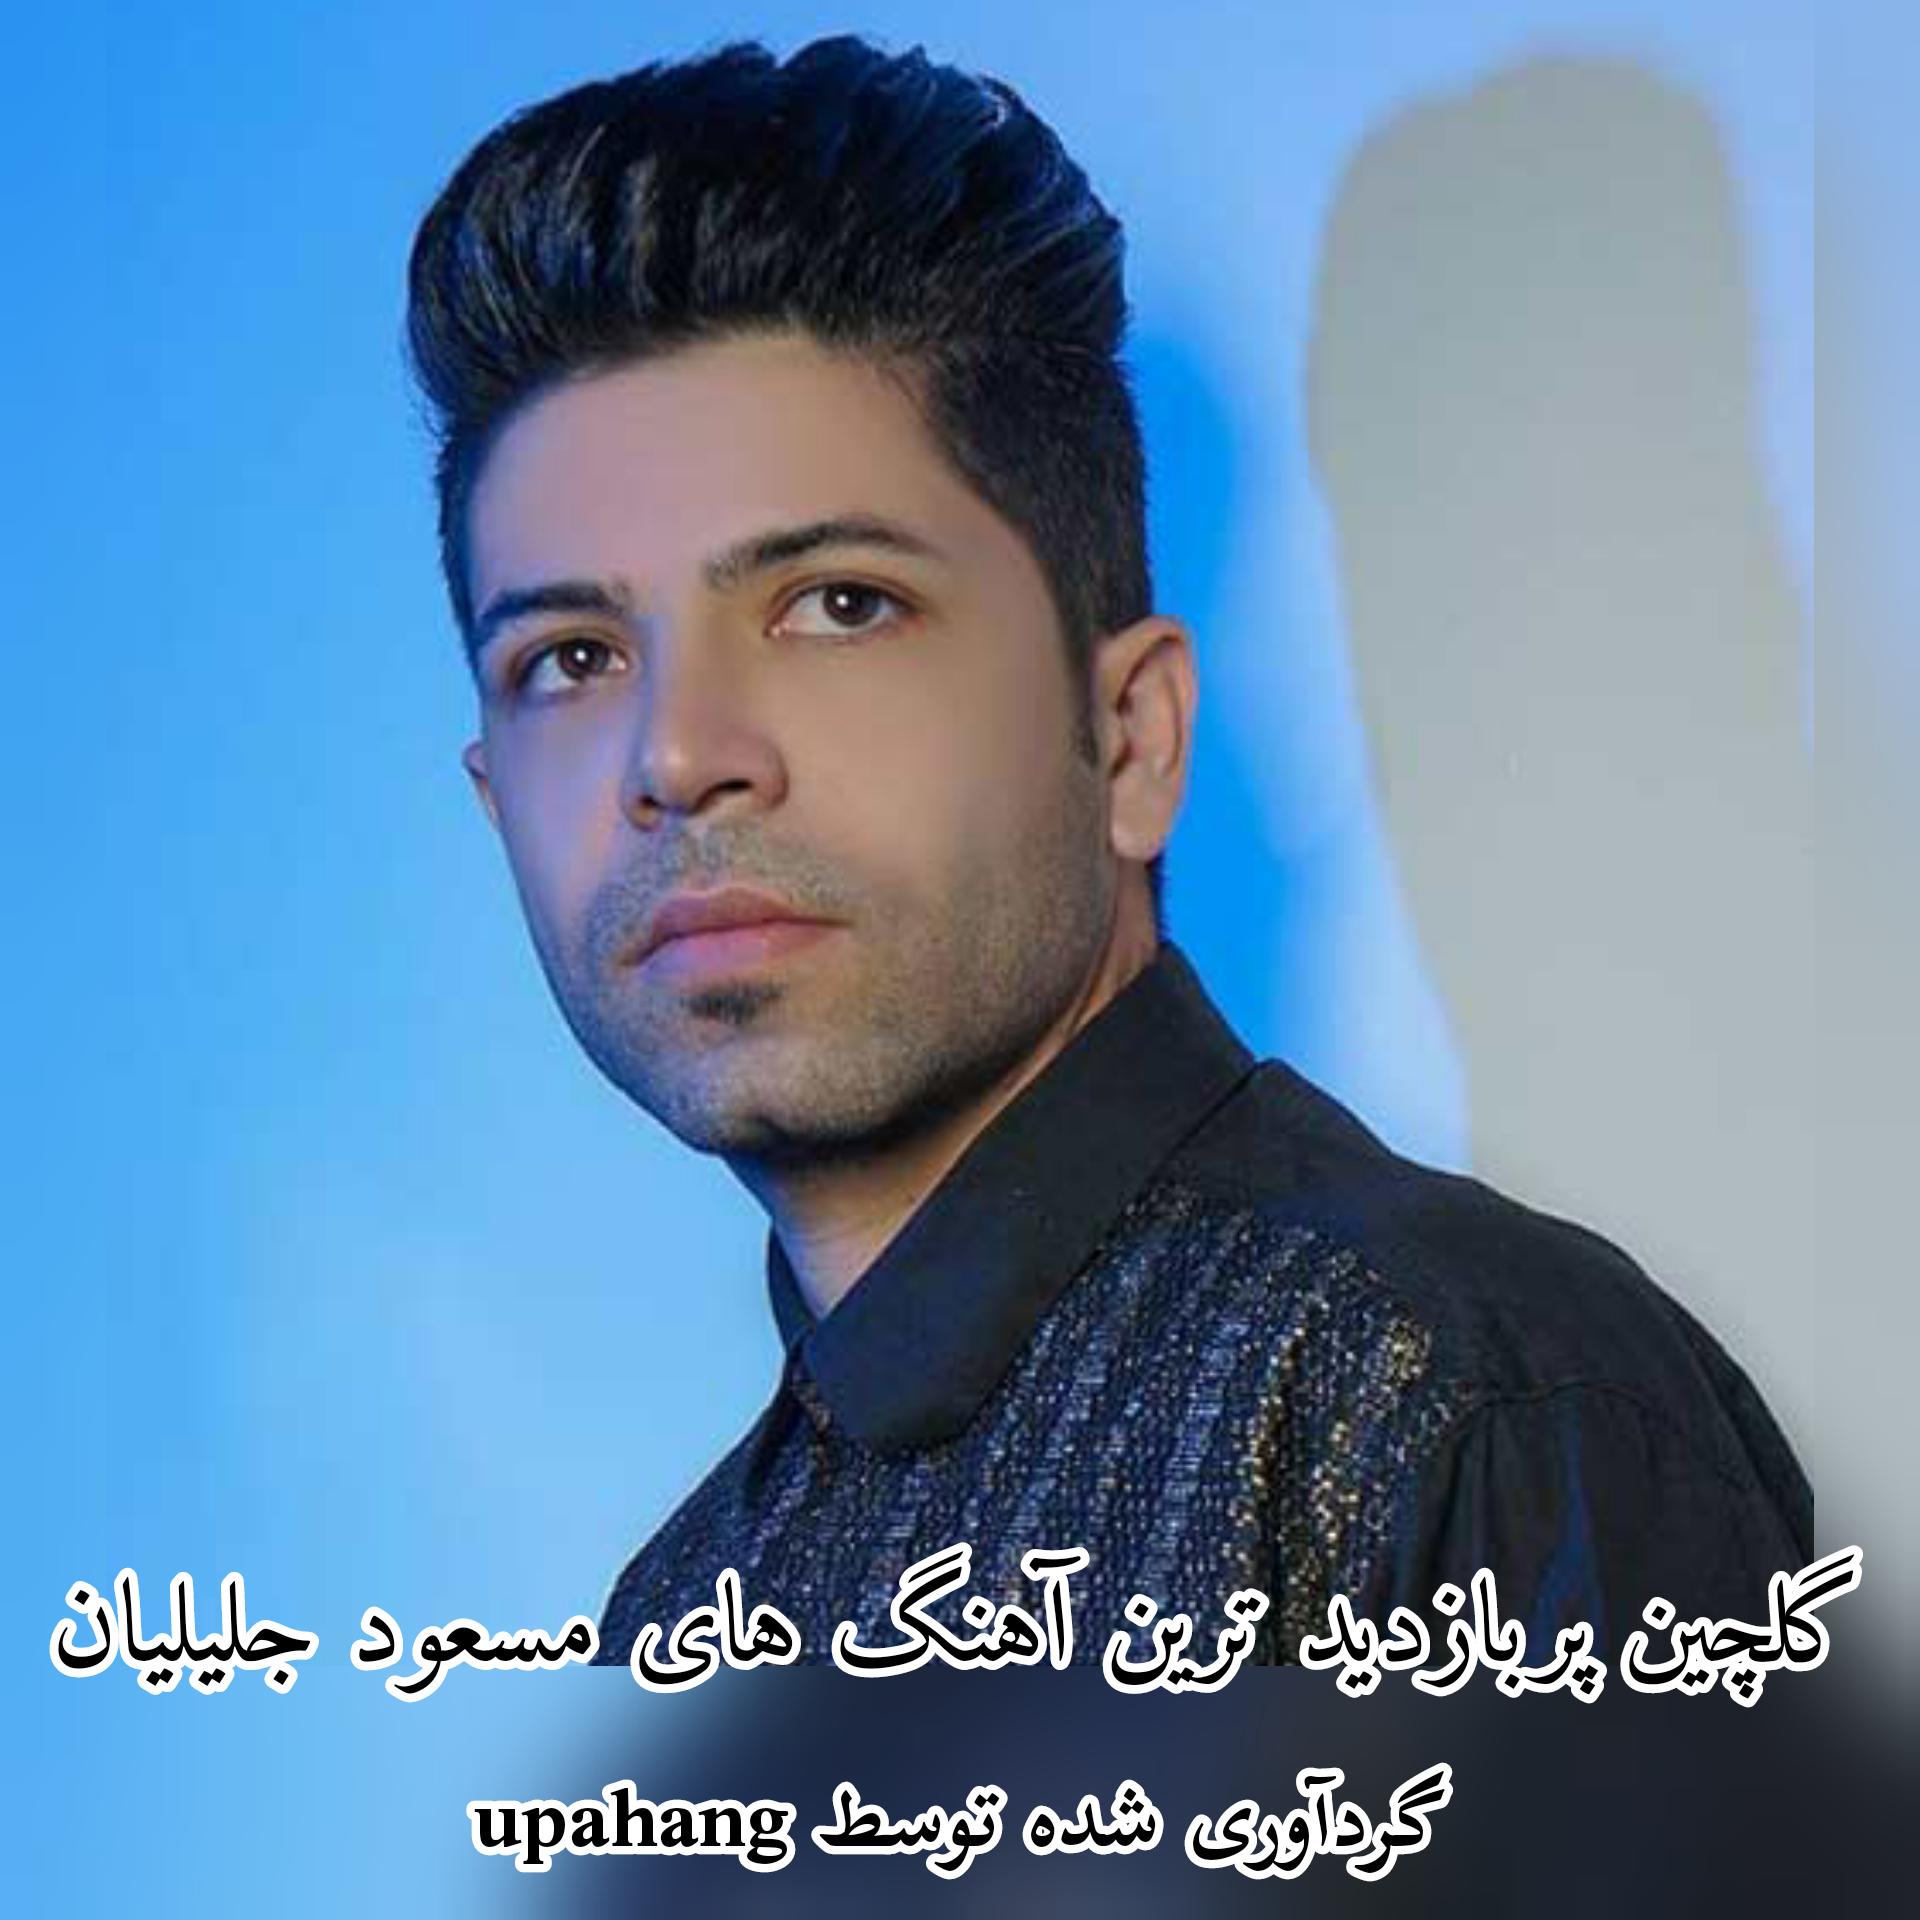 پربازدید ترین آهنگ های مسعود جلیلیان